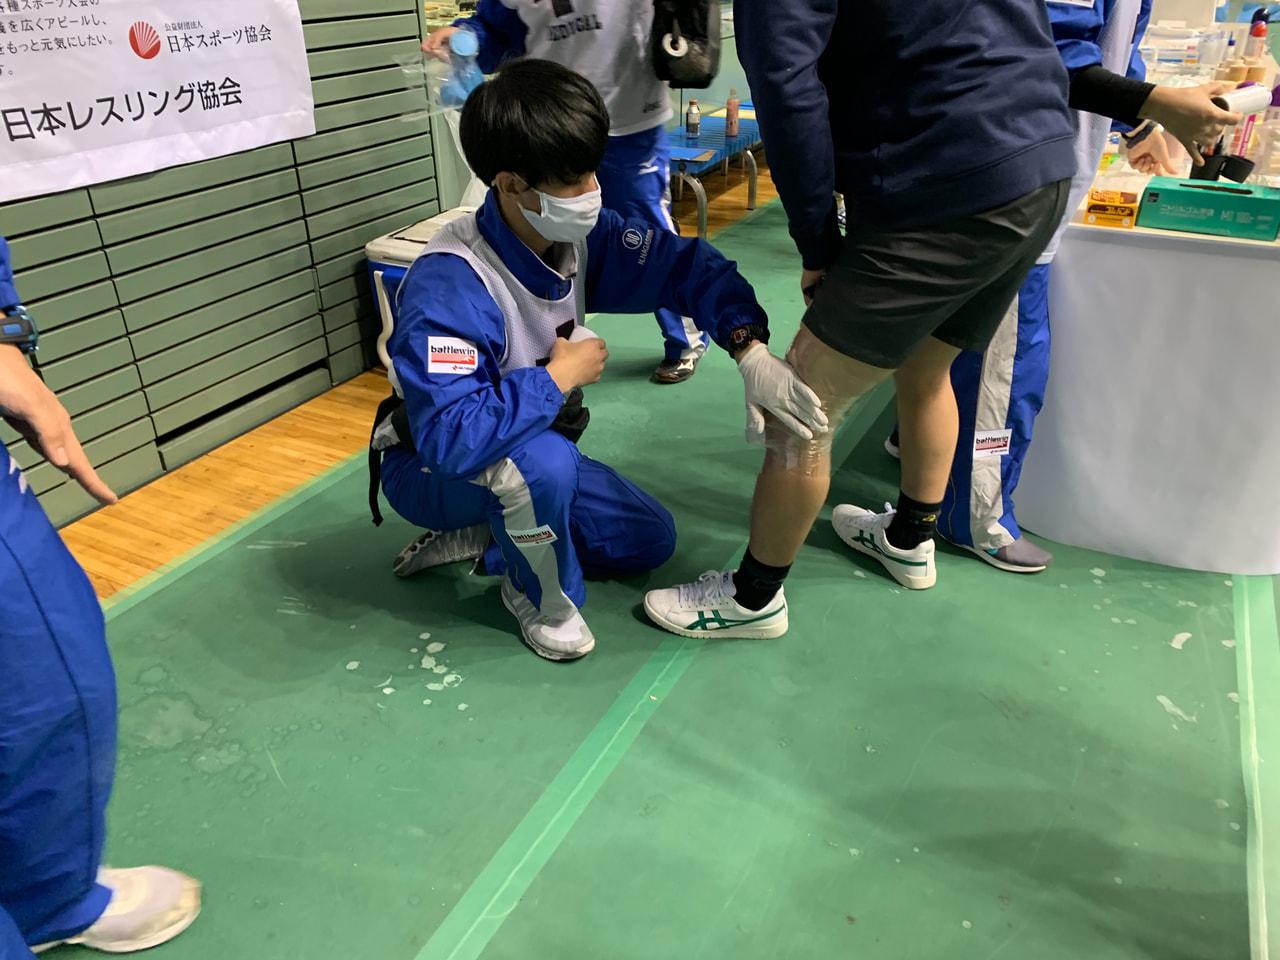 令和2年度天皇杯全日本レスリング選手権大会2日目